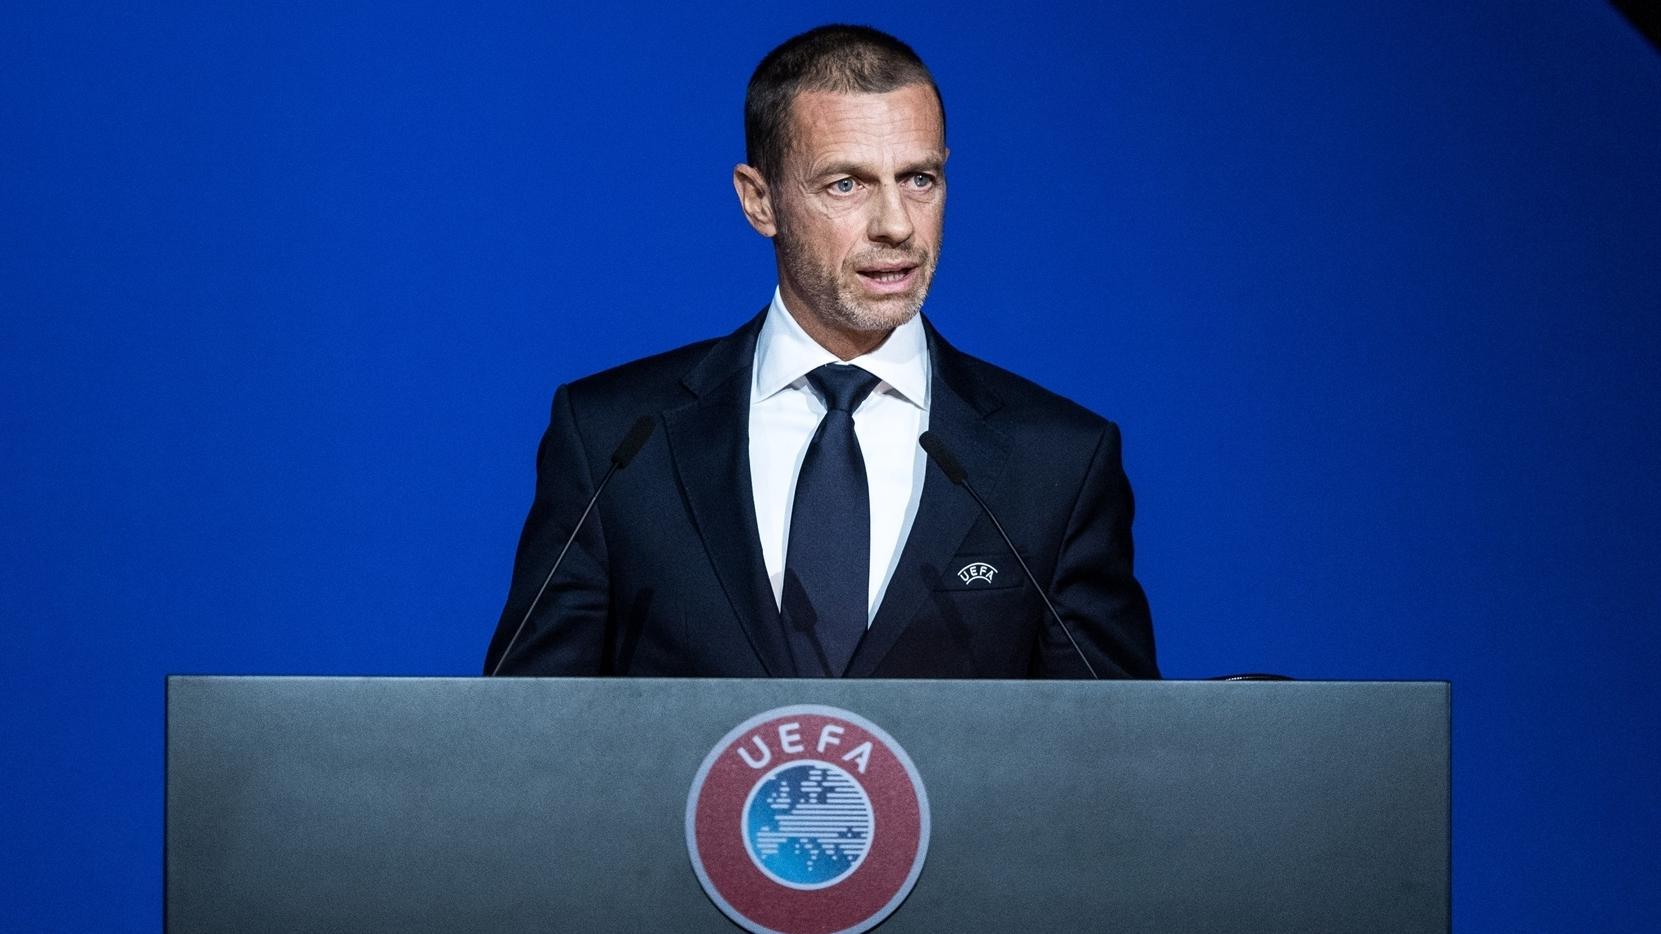 Supercoppa UEFA: 'Attenersi a misure speciali per tutelare la salute'